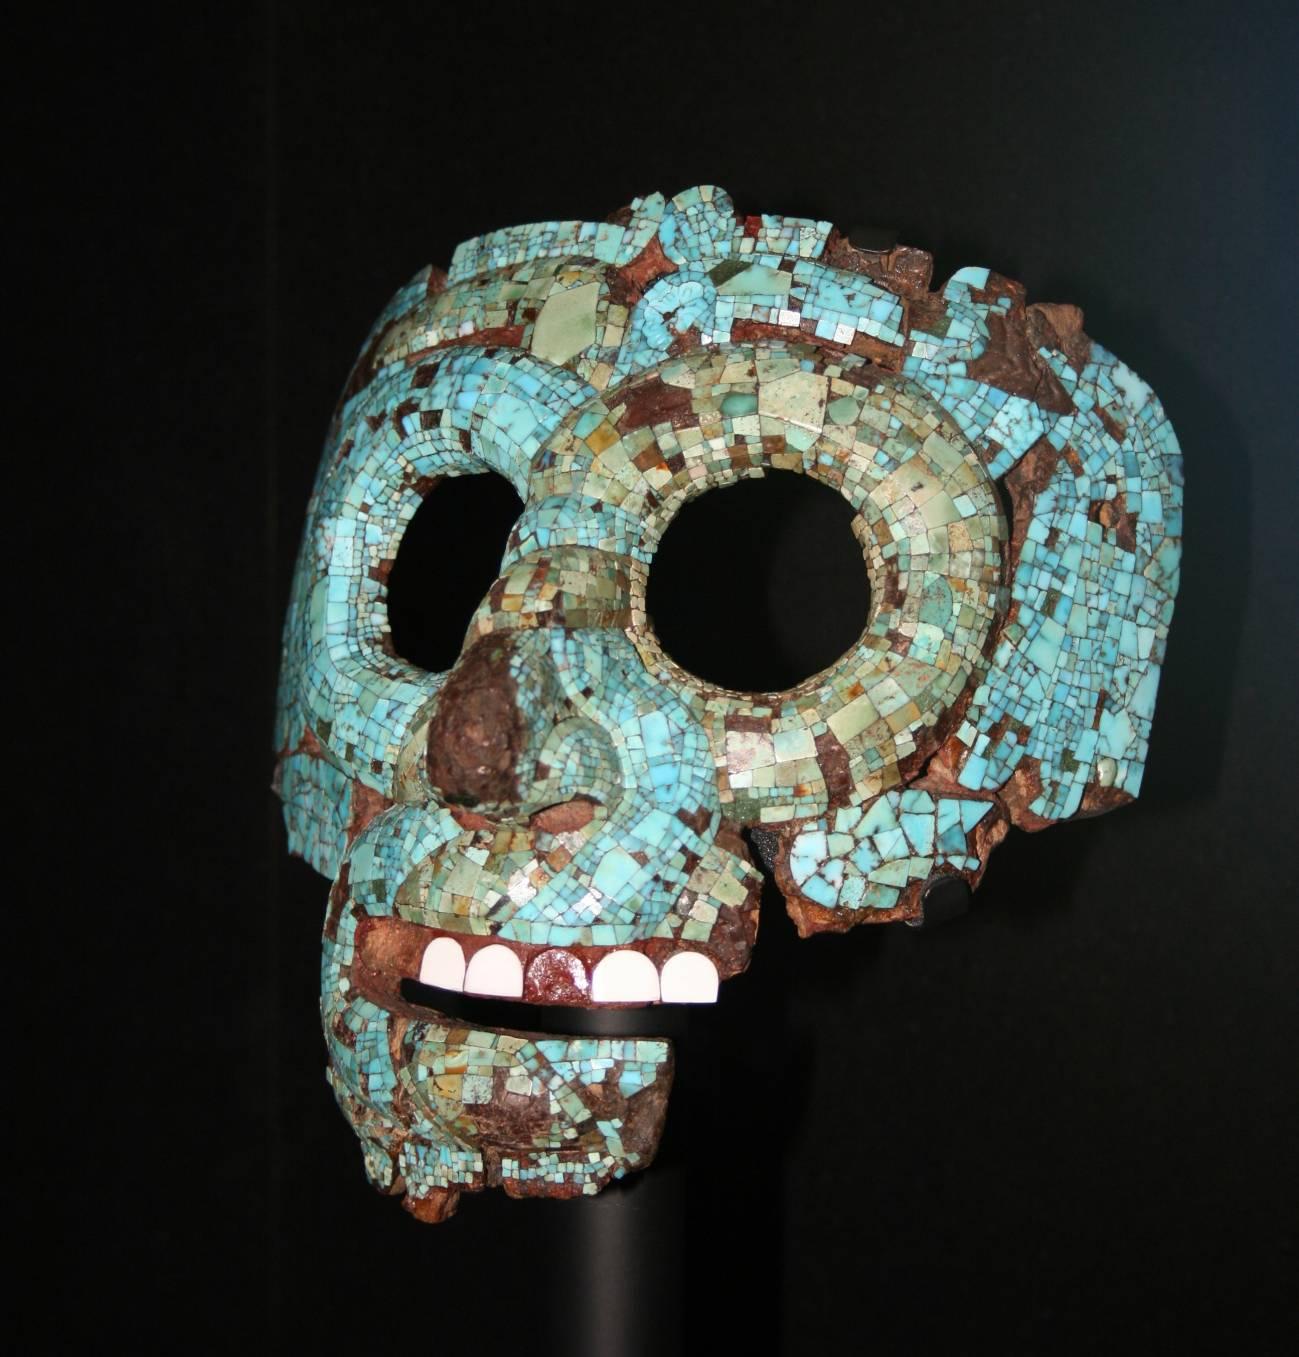 Investigadores españoles hallan en México las raíces del color azul maya